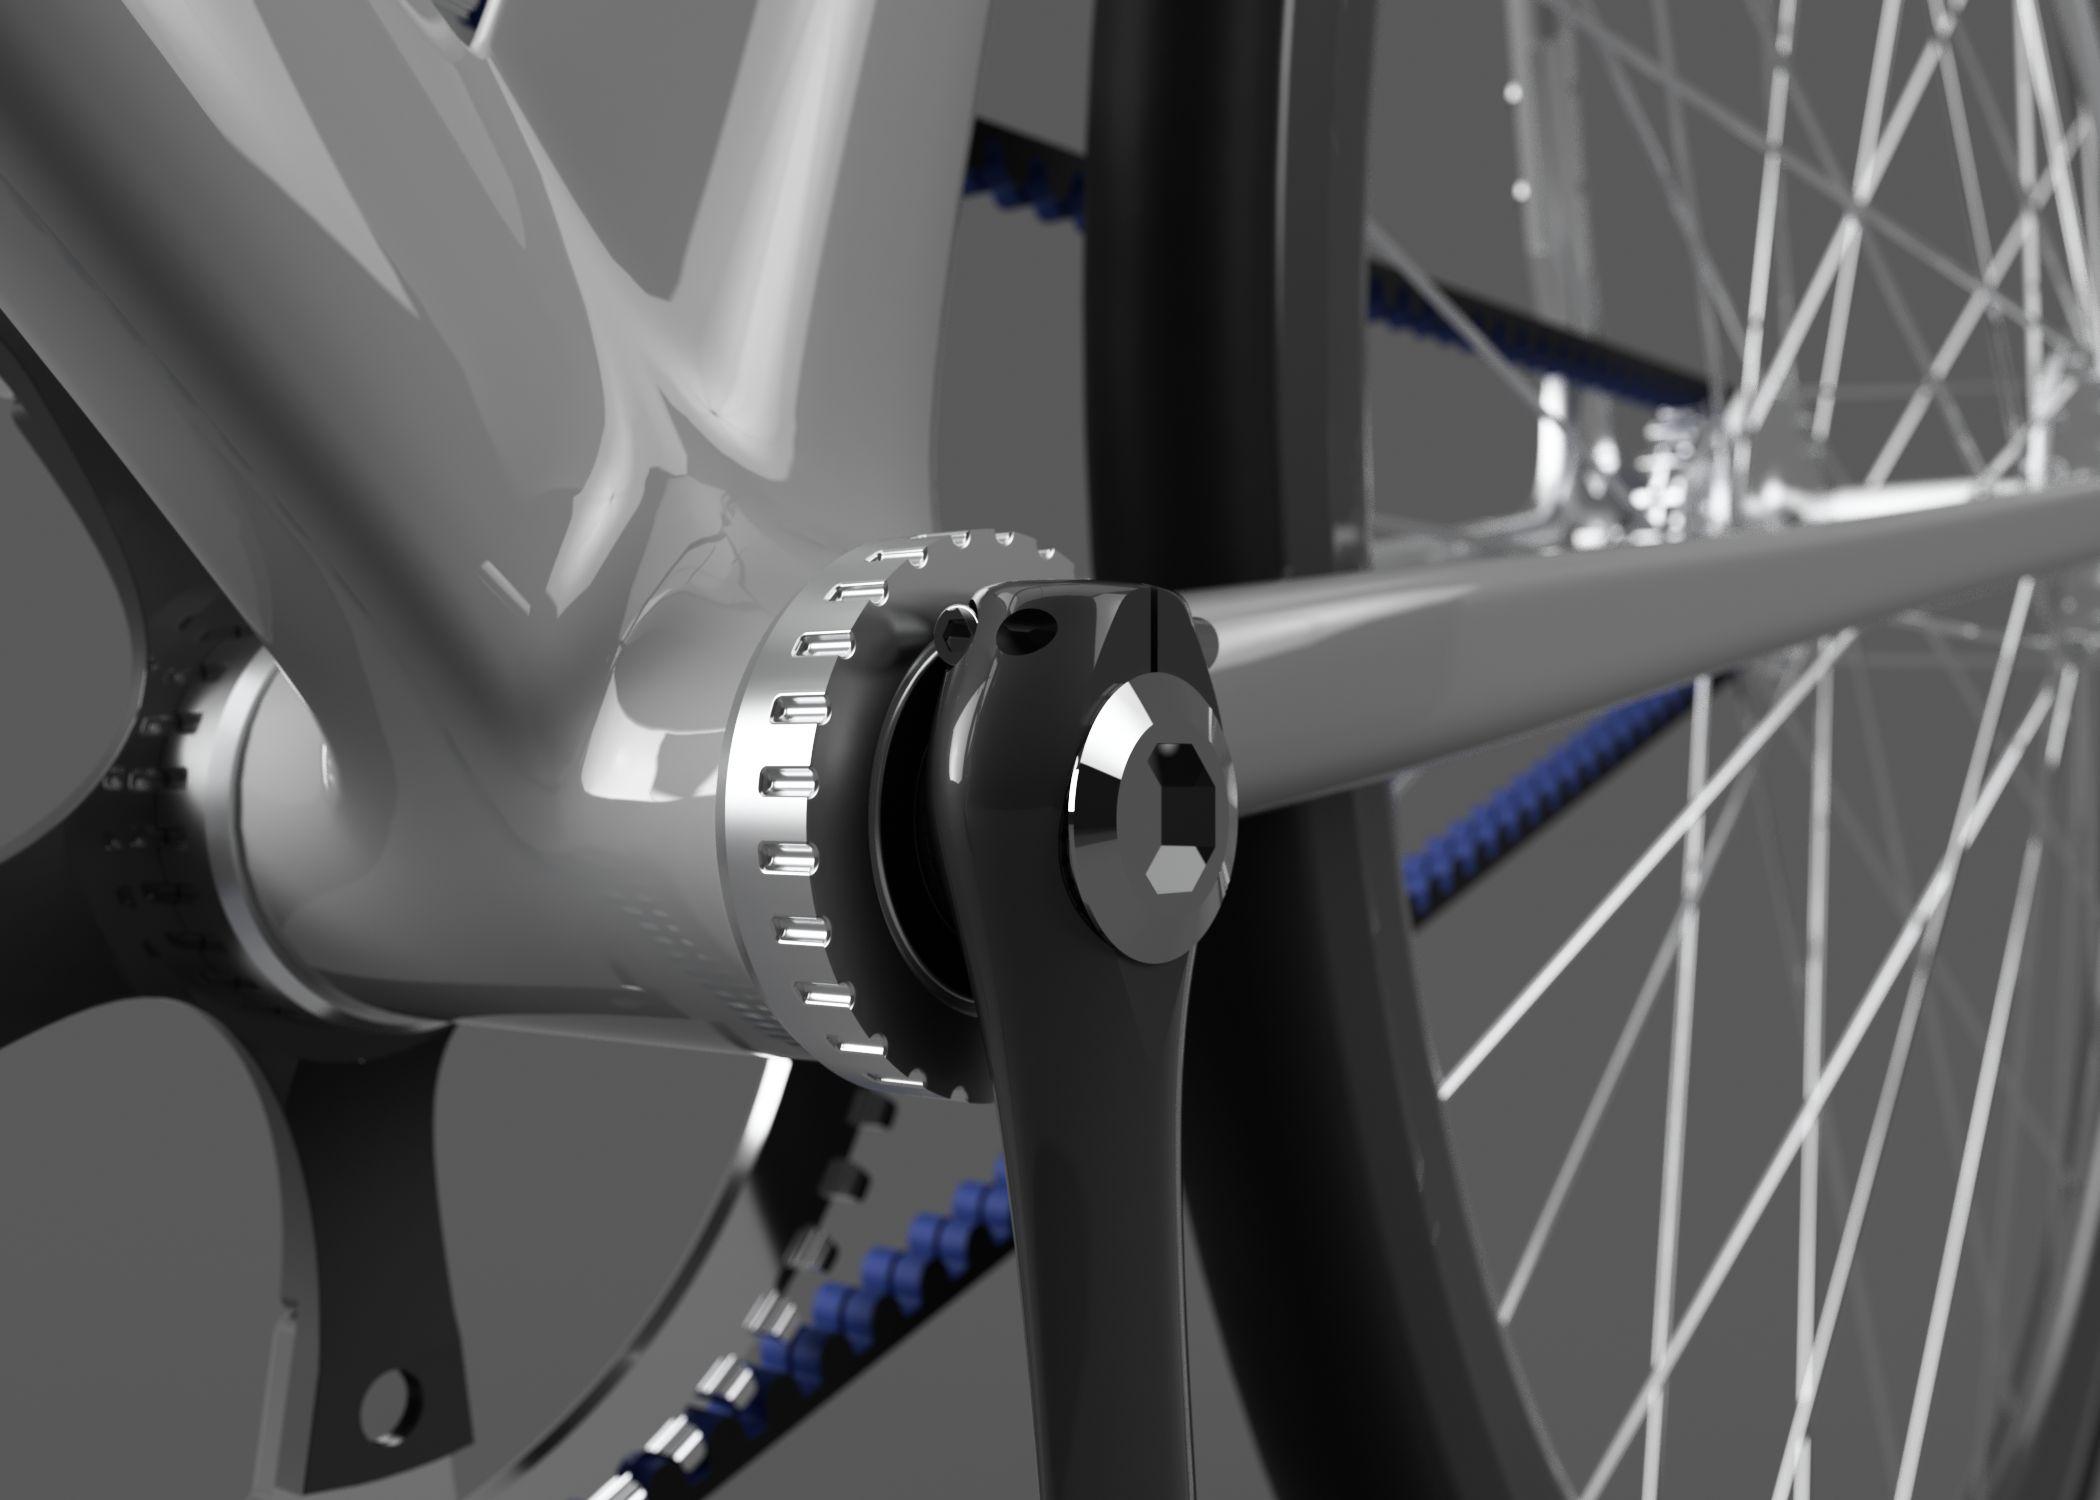 S3546729-craiggraham-bike5-3500-3500